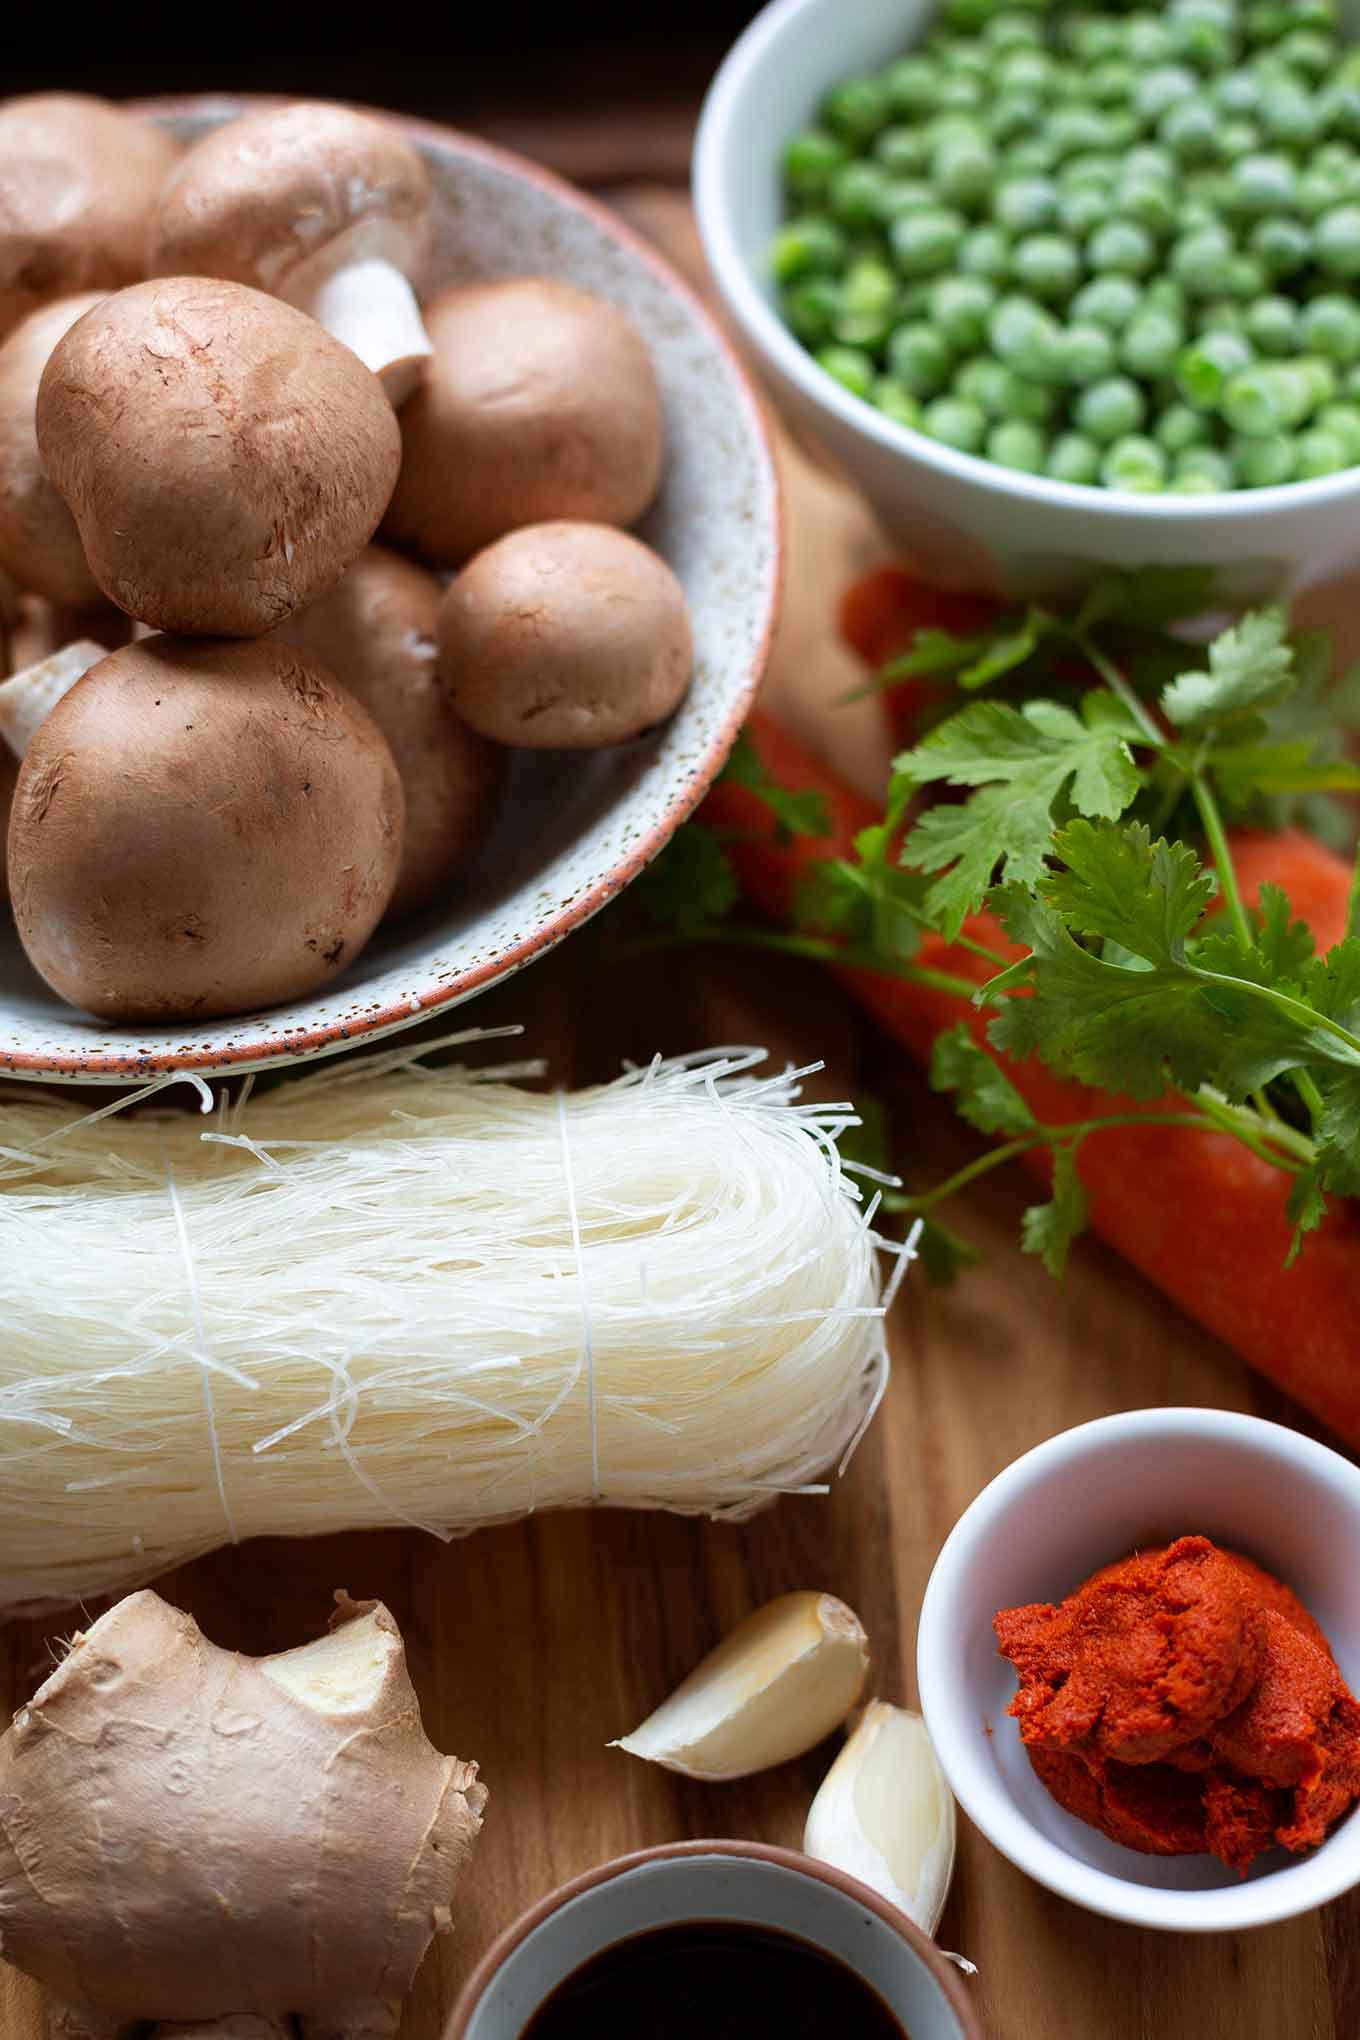 Vegetarische Thai-Gemüsesuppe mit Kokosmilch. Super lecker, einfach und in nur 20 Minuten fertig. Mit viel Gemüse, scharfer Currypaste und leckerem Koriander gibt's hier echtes Soulfood für Genießer. – Kochkarussell Foodblog #thaisuppe #winterrezept #curry #gemüsesuppe